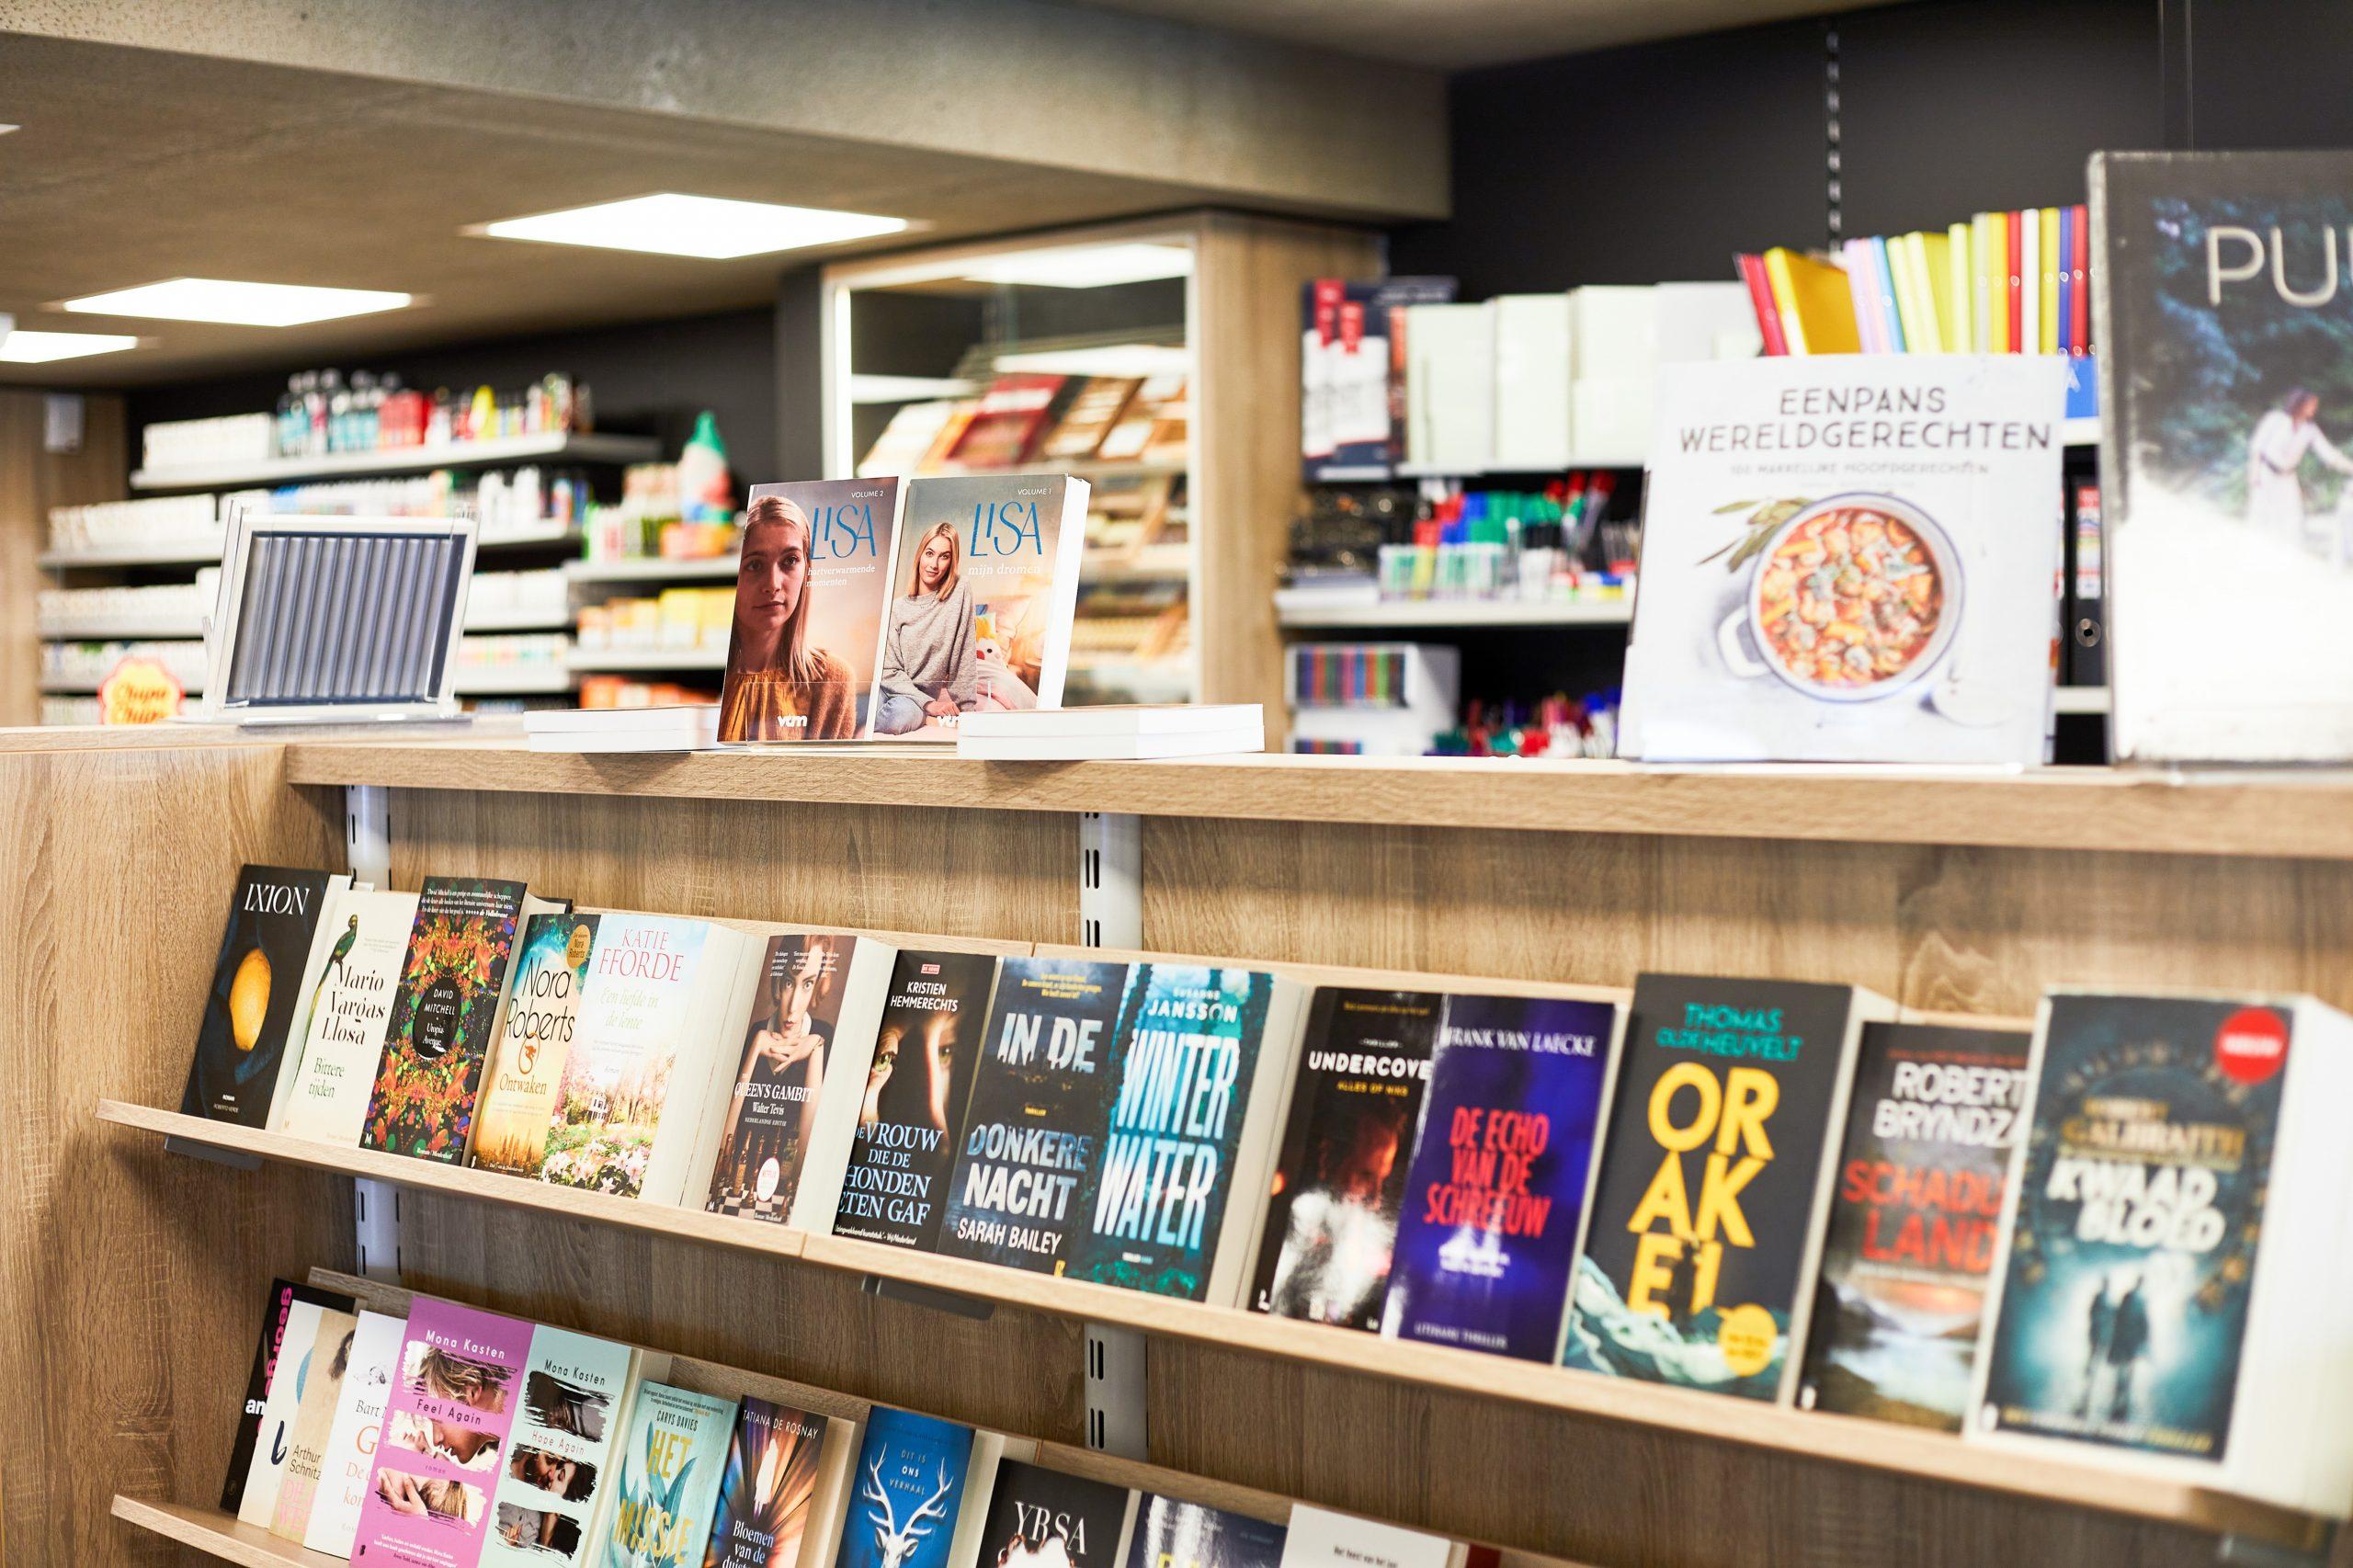 Distributie boeken en strips zoekt nieuw evenwicht